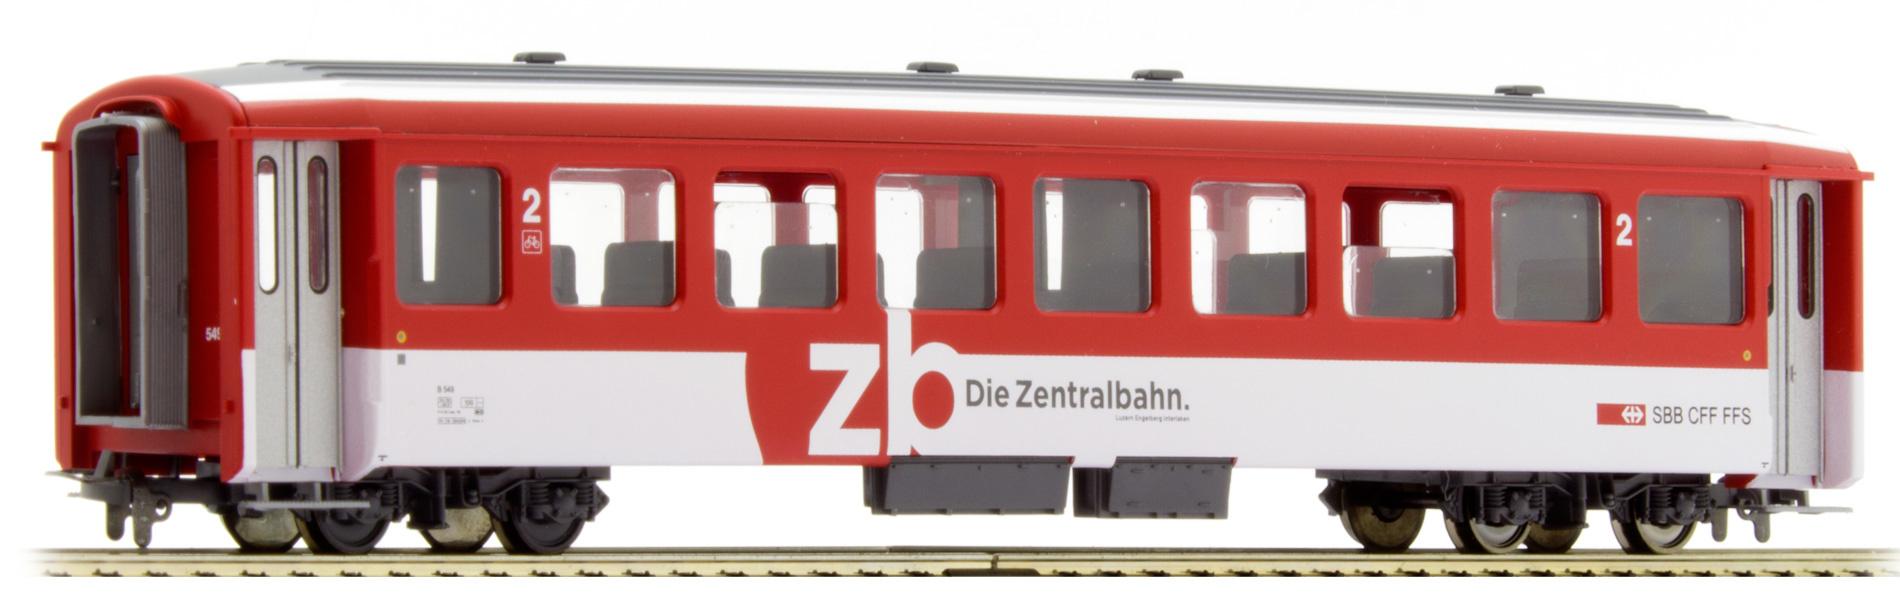 3266479 zb B 549 Verstärkungswagen ex LSE-1